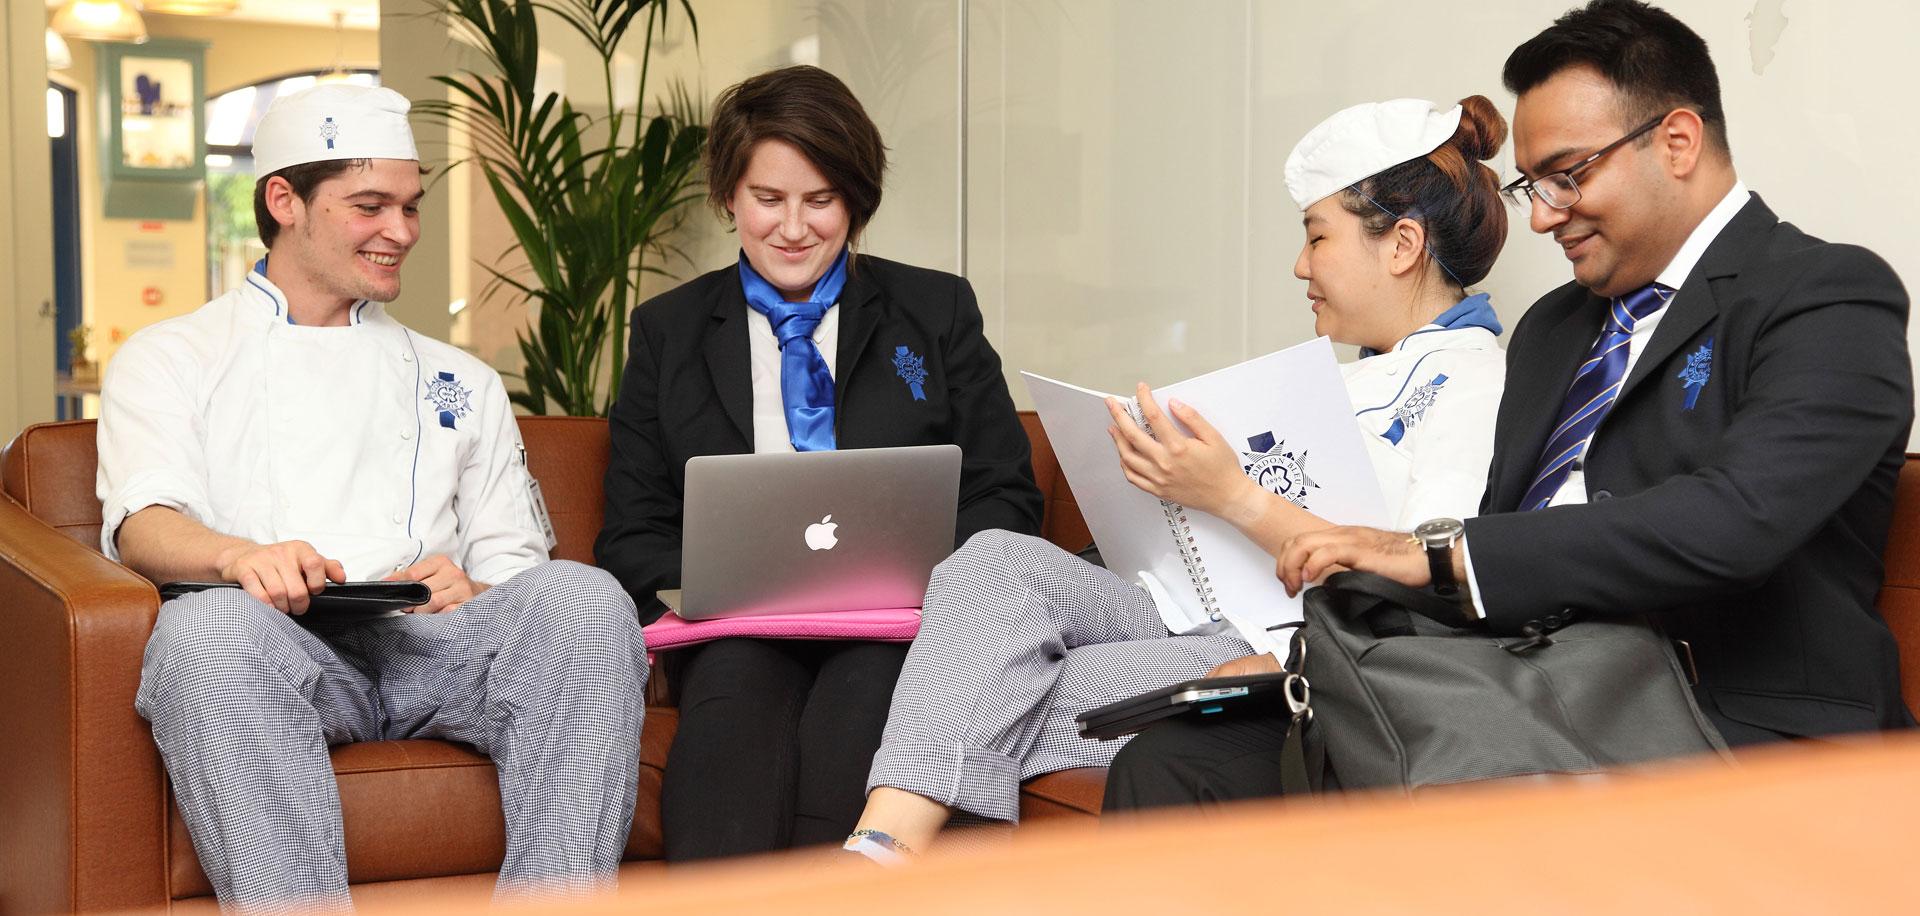 Что значит быть студентом Le Cordon Bleu?